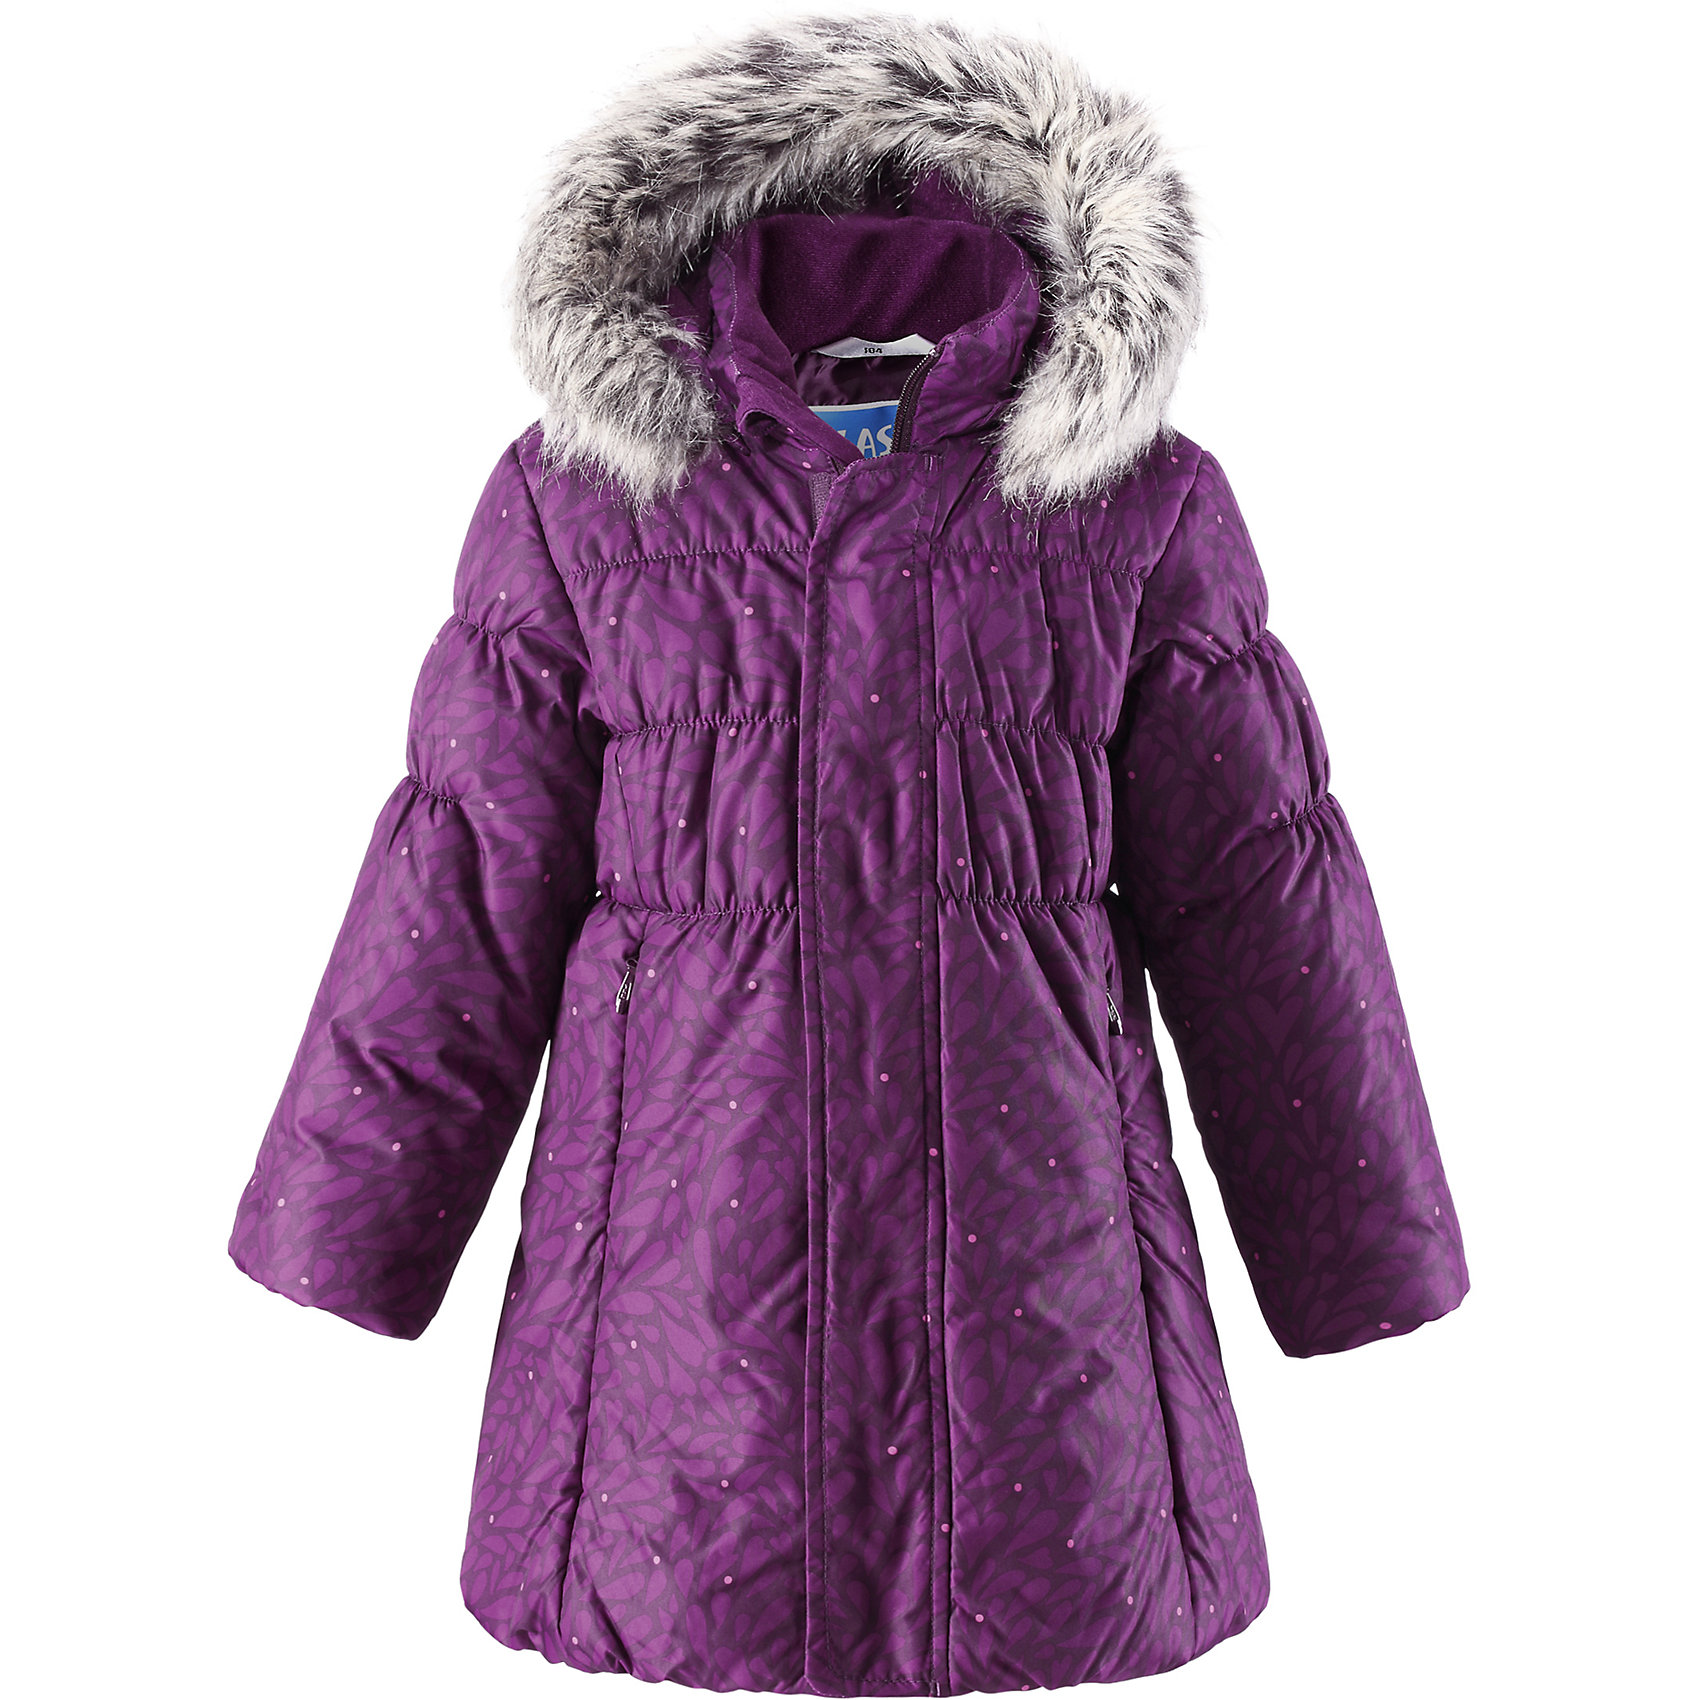 Пальто LASSIEОдежда<br>Зимнее пальто для детей известной финской марки.<br><br>- Водоотталкивающий, ветронепроницаемый, «дышащий» и грязеотталкивающий материал.<br>- Крой для девочек. <br>- Гладкая подкладка из полиэстра.<br>- Средняя степень утепления. <br>- Безопасный съемный капюшон с отсоединяемой меховой каймой из искусственного меха.<br>- Эластичные манжеты. <br>- Регулируемый обхват талии. <br>- Карманы с клапанами.  <br><br>Рекомендации по уходу: Стирать по отдельности, вывернув наизнанку. Перед стиркой отстегните искусственный мех. Застегнуть молнии и липучки. Соблюдать температуру в соответствии с руководством по уходу. Стирать моющим средством, не содержащим отбеливающие вещества. Полоскать без специального средства. Сушение в сушильном шкафу разрешено при  низкой температуре.<br><br>Состав: 100% Полиамид, полиуретановое покрытие.  Утеплитель «Lassie wadding» 200гр.<br><br>Ширина мм: 356<br>Глубина мм: 10<br>Высота мм: 245<br>Вес г: 519<br>Цвет: лиловый<br>Возраст от месяцев: 18<br>Возраст до месяцев: 24<br>Пол: Женский<br>Возраст: Детский<br>Размер: 92,140,98,104,110,116,122,128,134<br>SKU: 4782378